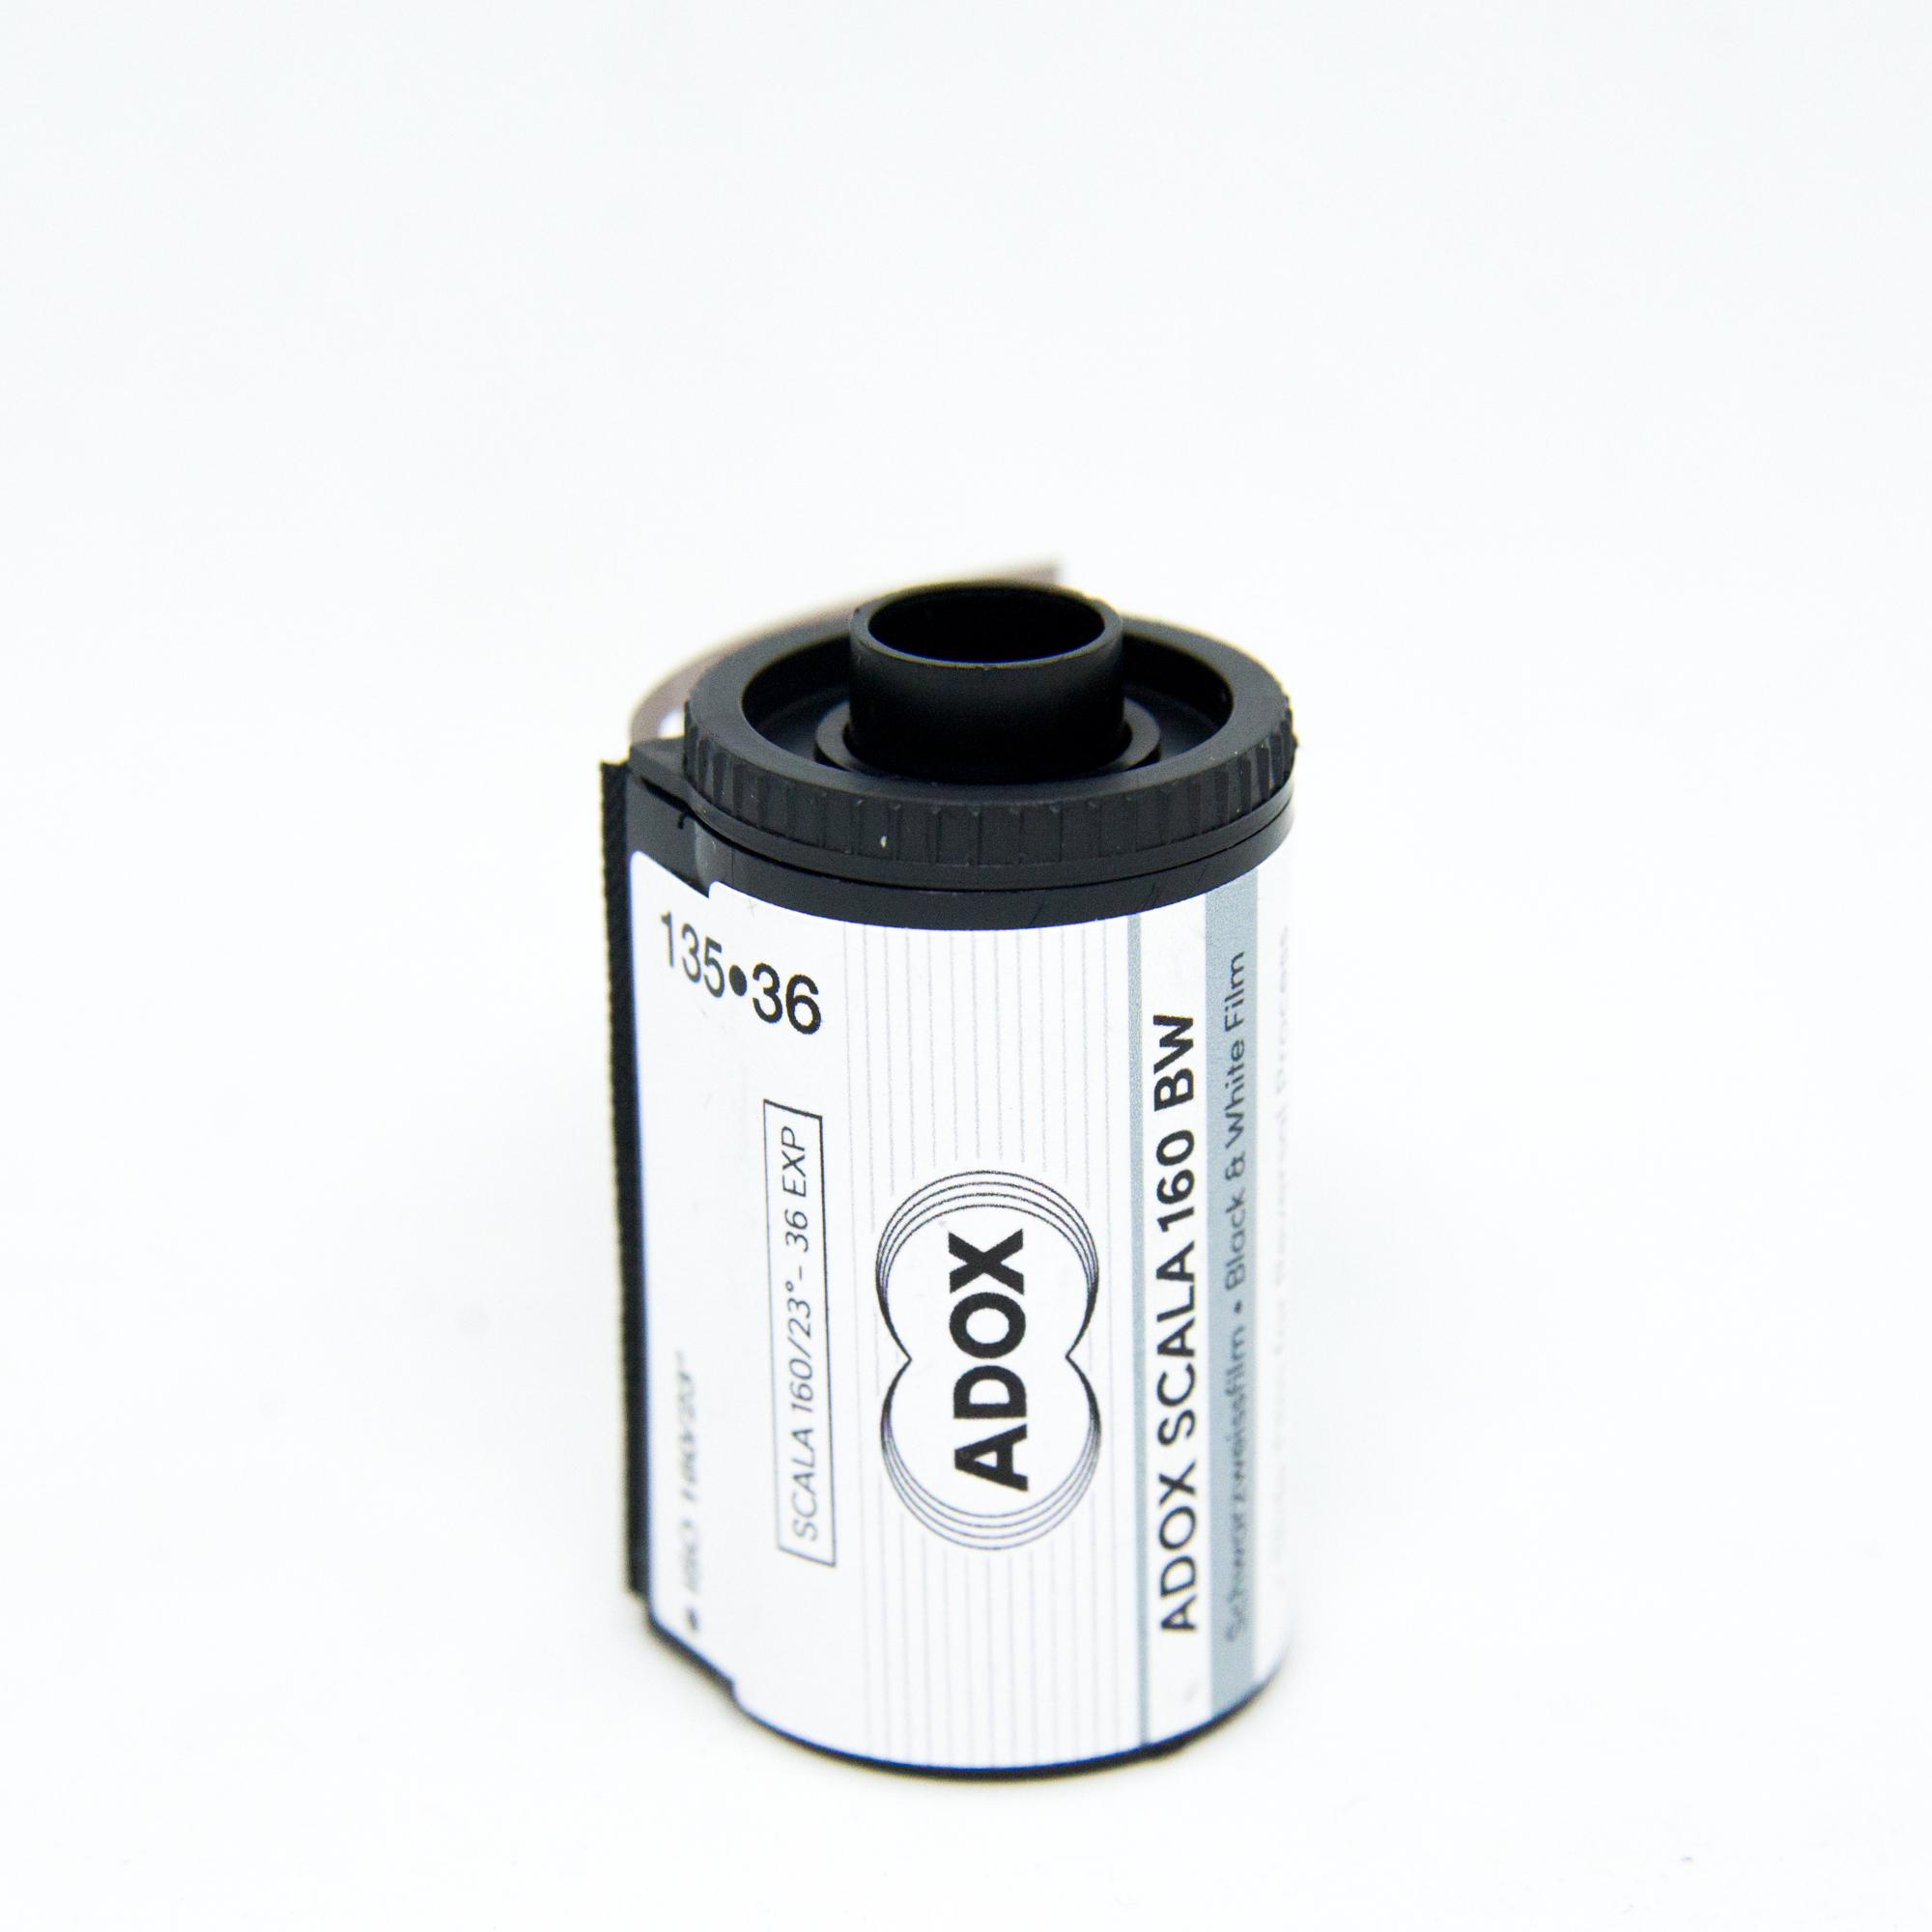 Фотопленка ADOX Scala 160/135-36